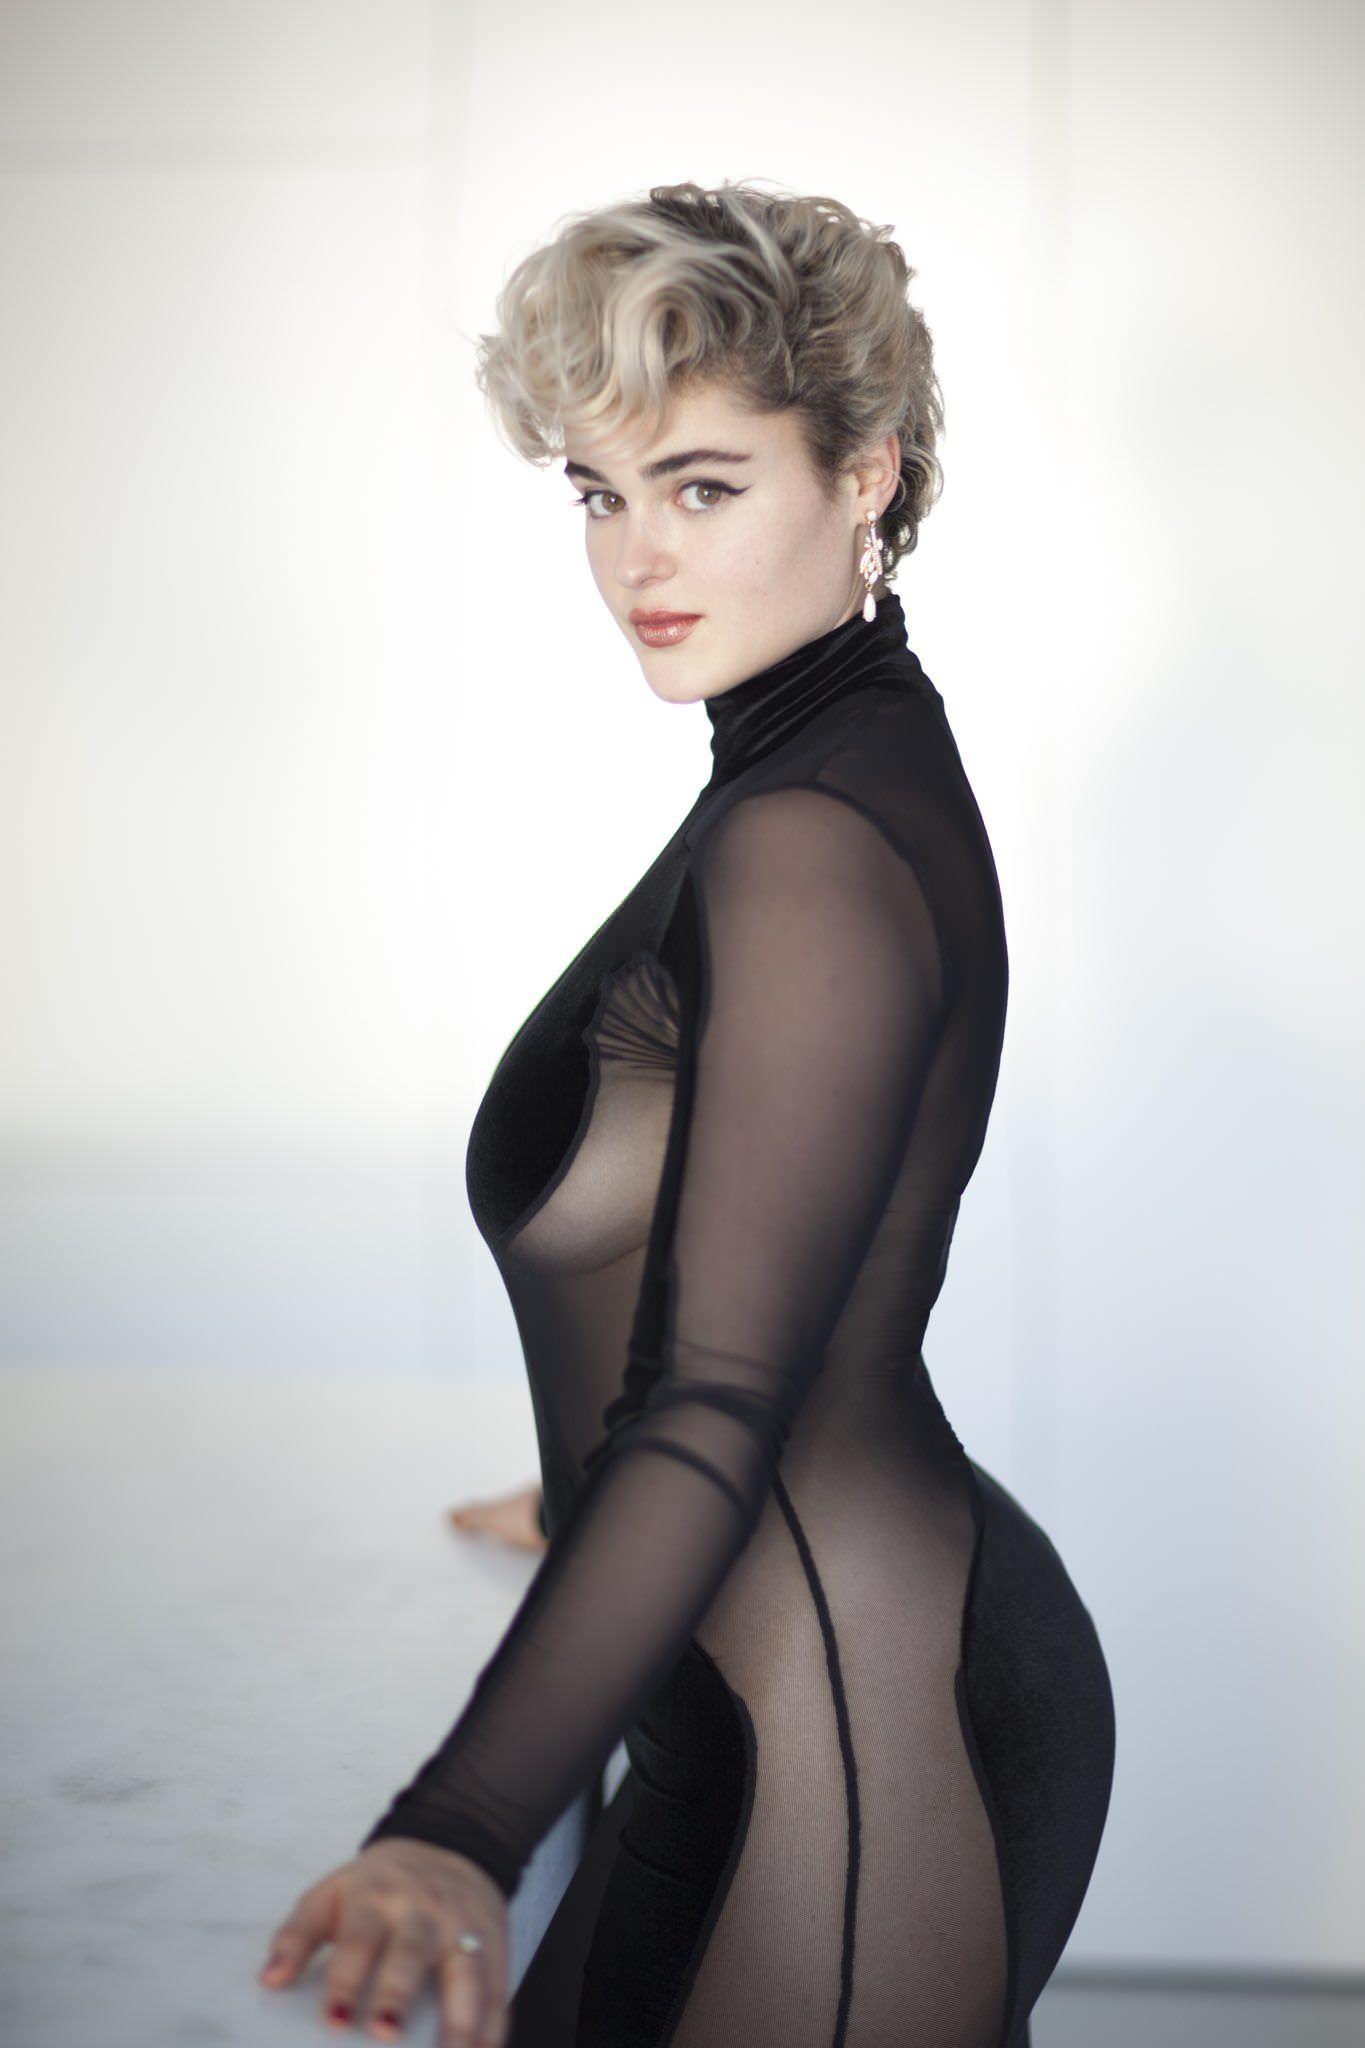 ستيفانيا فيراريو عارضة أزياء من أستراليا يعشقها جميع رجال اوروبا